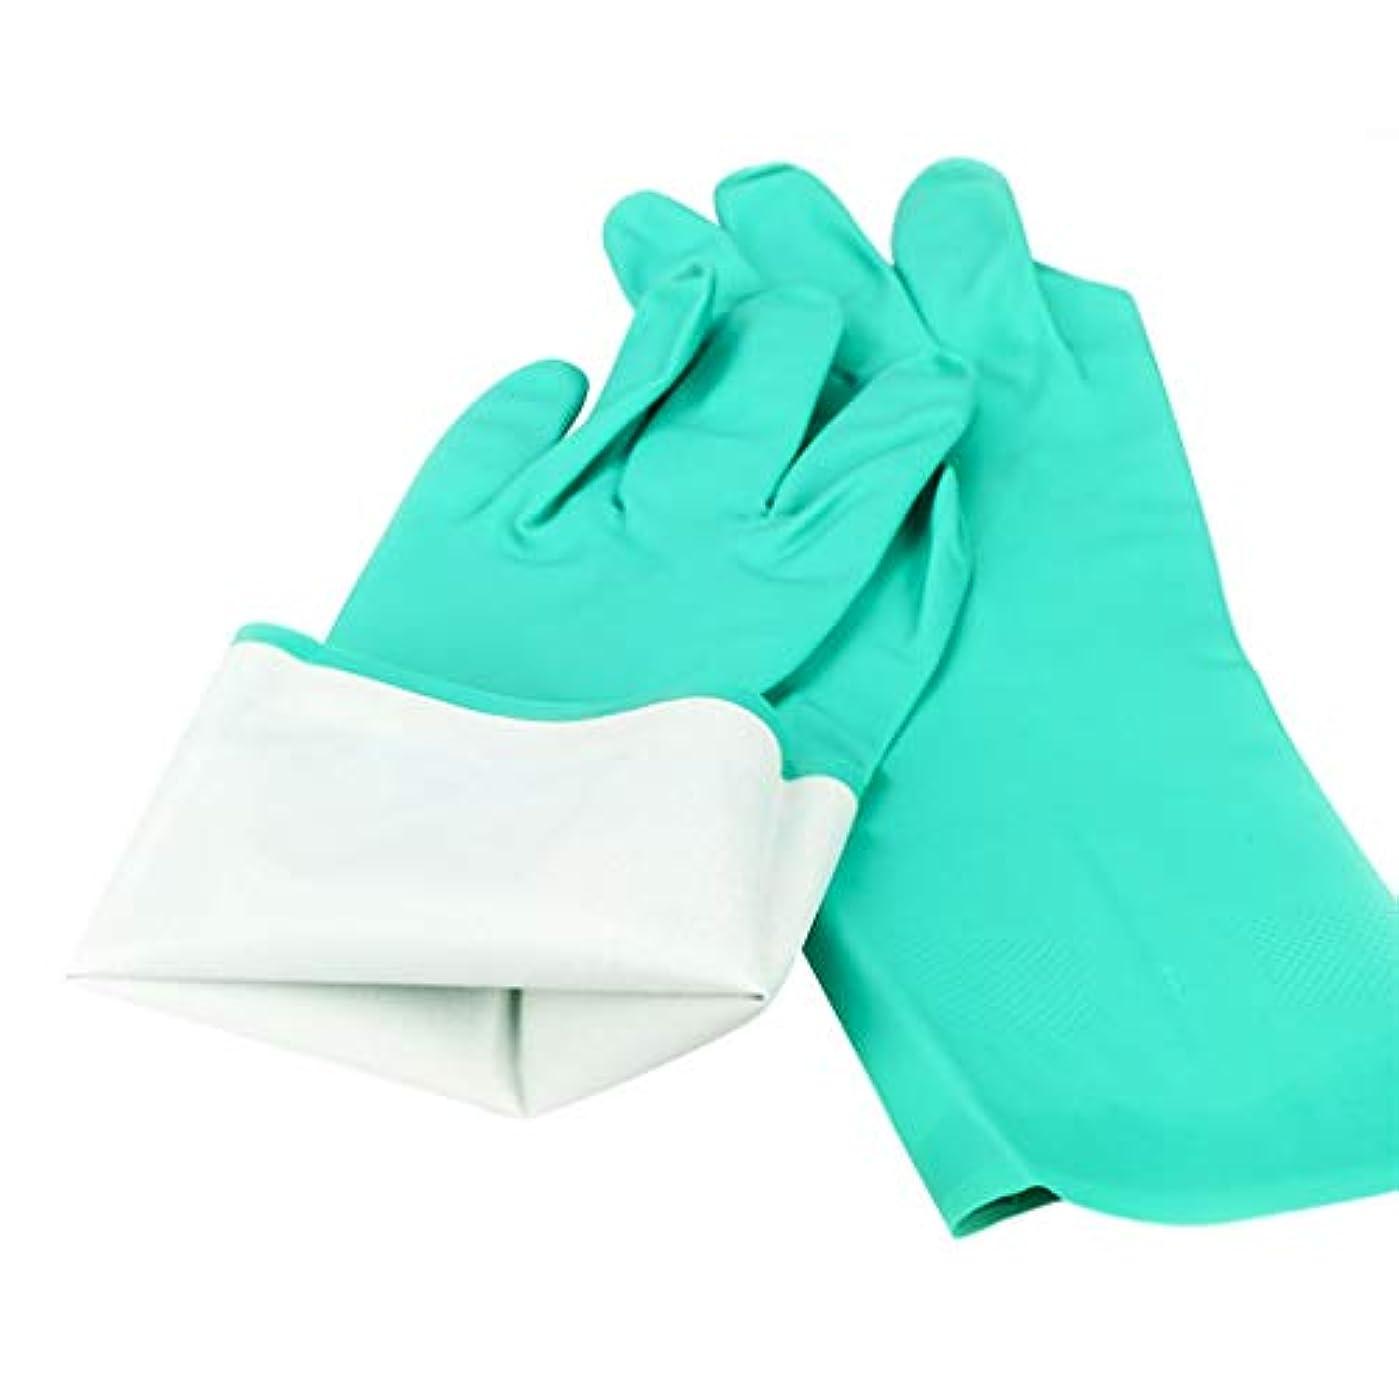 前進コールド加入5ペア耐油性ニトリルゴム手袋 - 耐摩耗性耐油性滑り止め安全衛生丈夫な工業用保護 YANW (色 : 緑, サイズ さいず : L l)